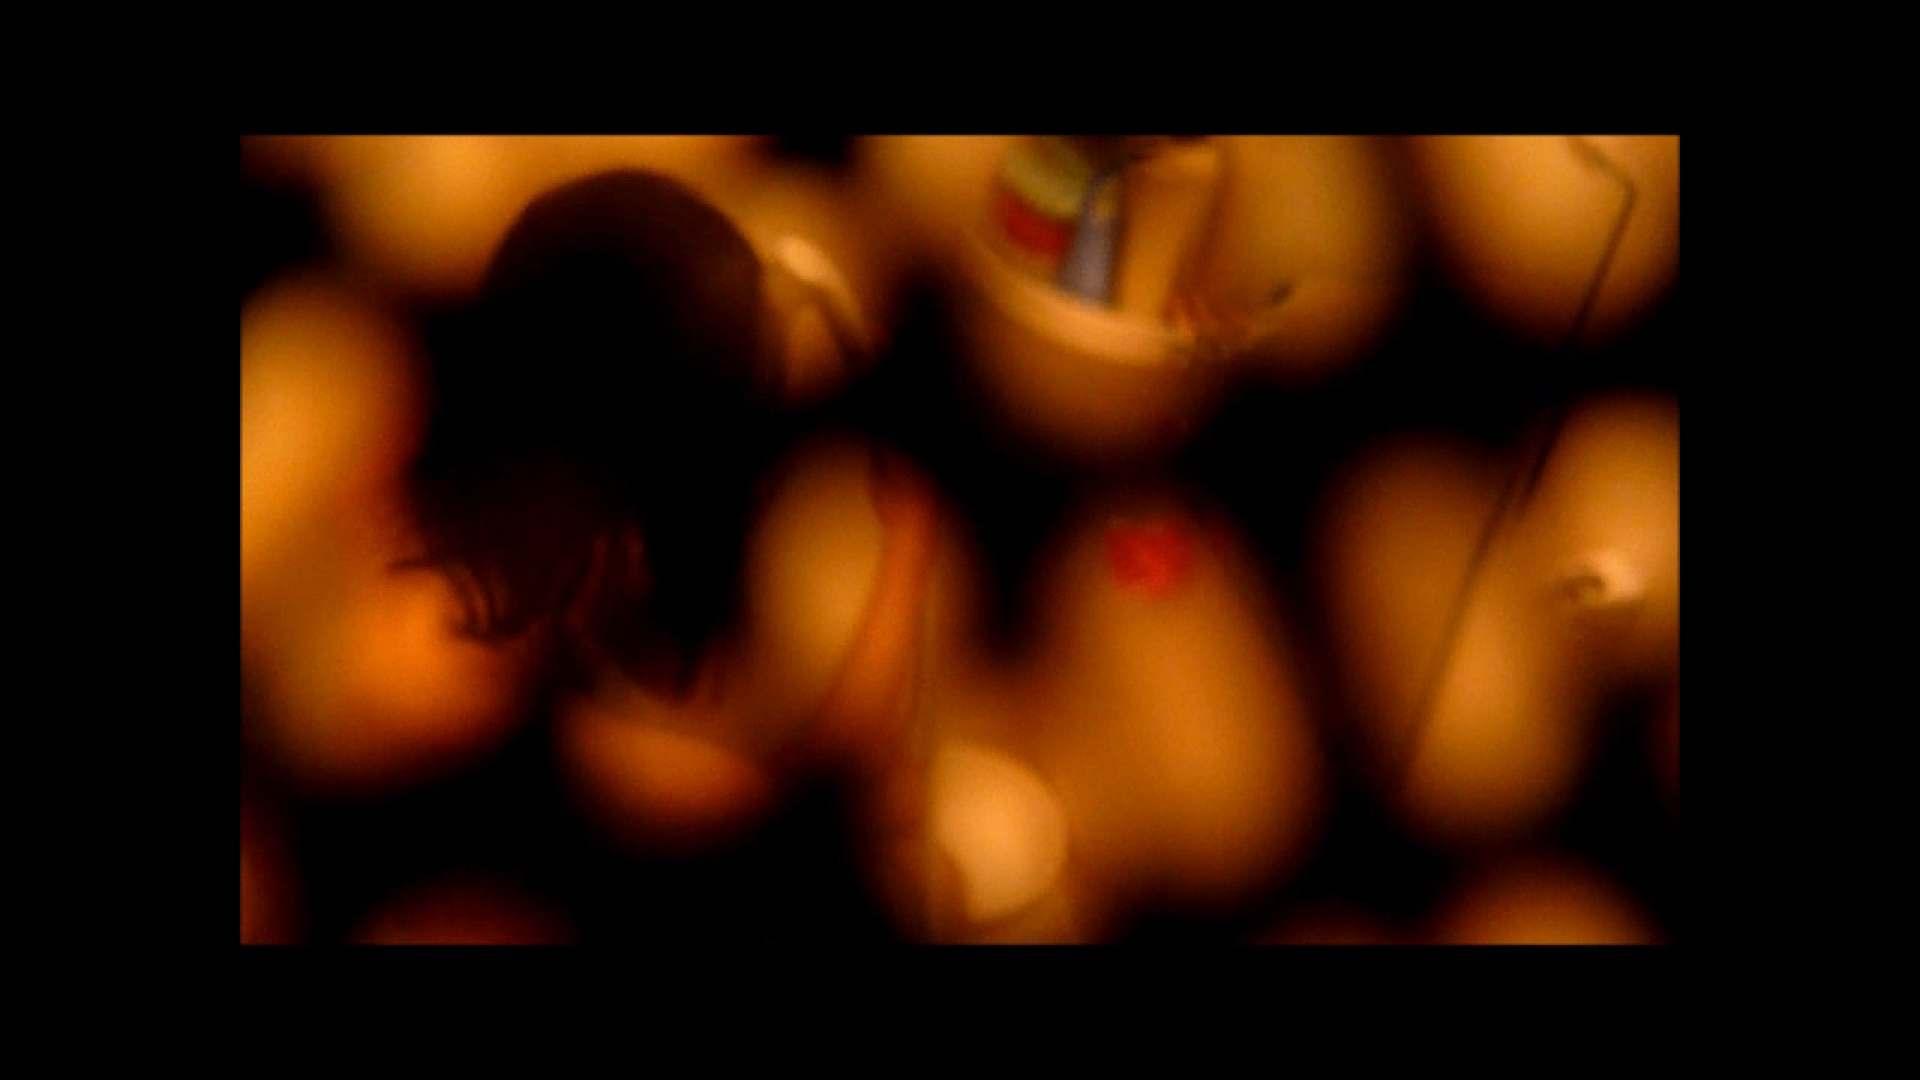 【02】ベランダに侵入して張り込みを始めて・・・やっと結果が出ました。 家宅侵入 | 0  82画像 75